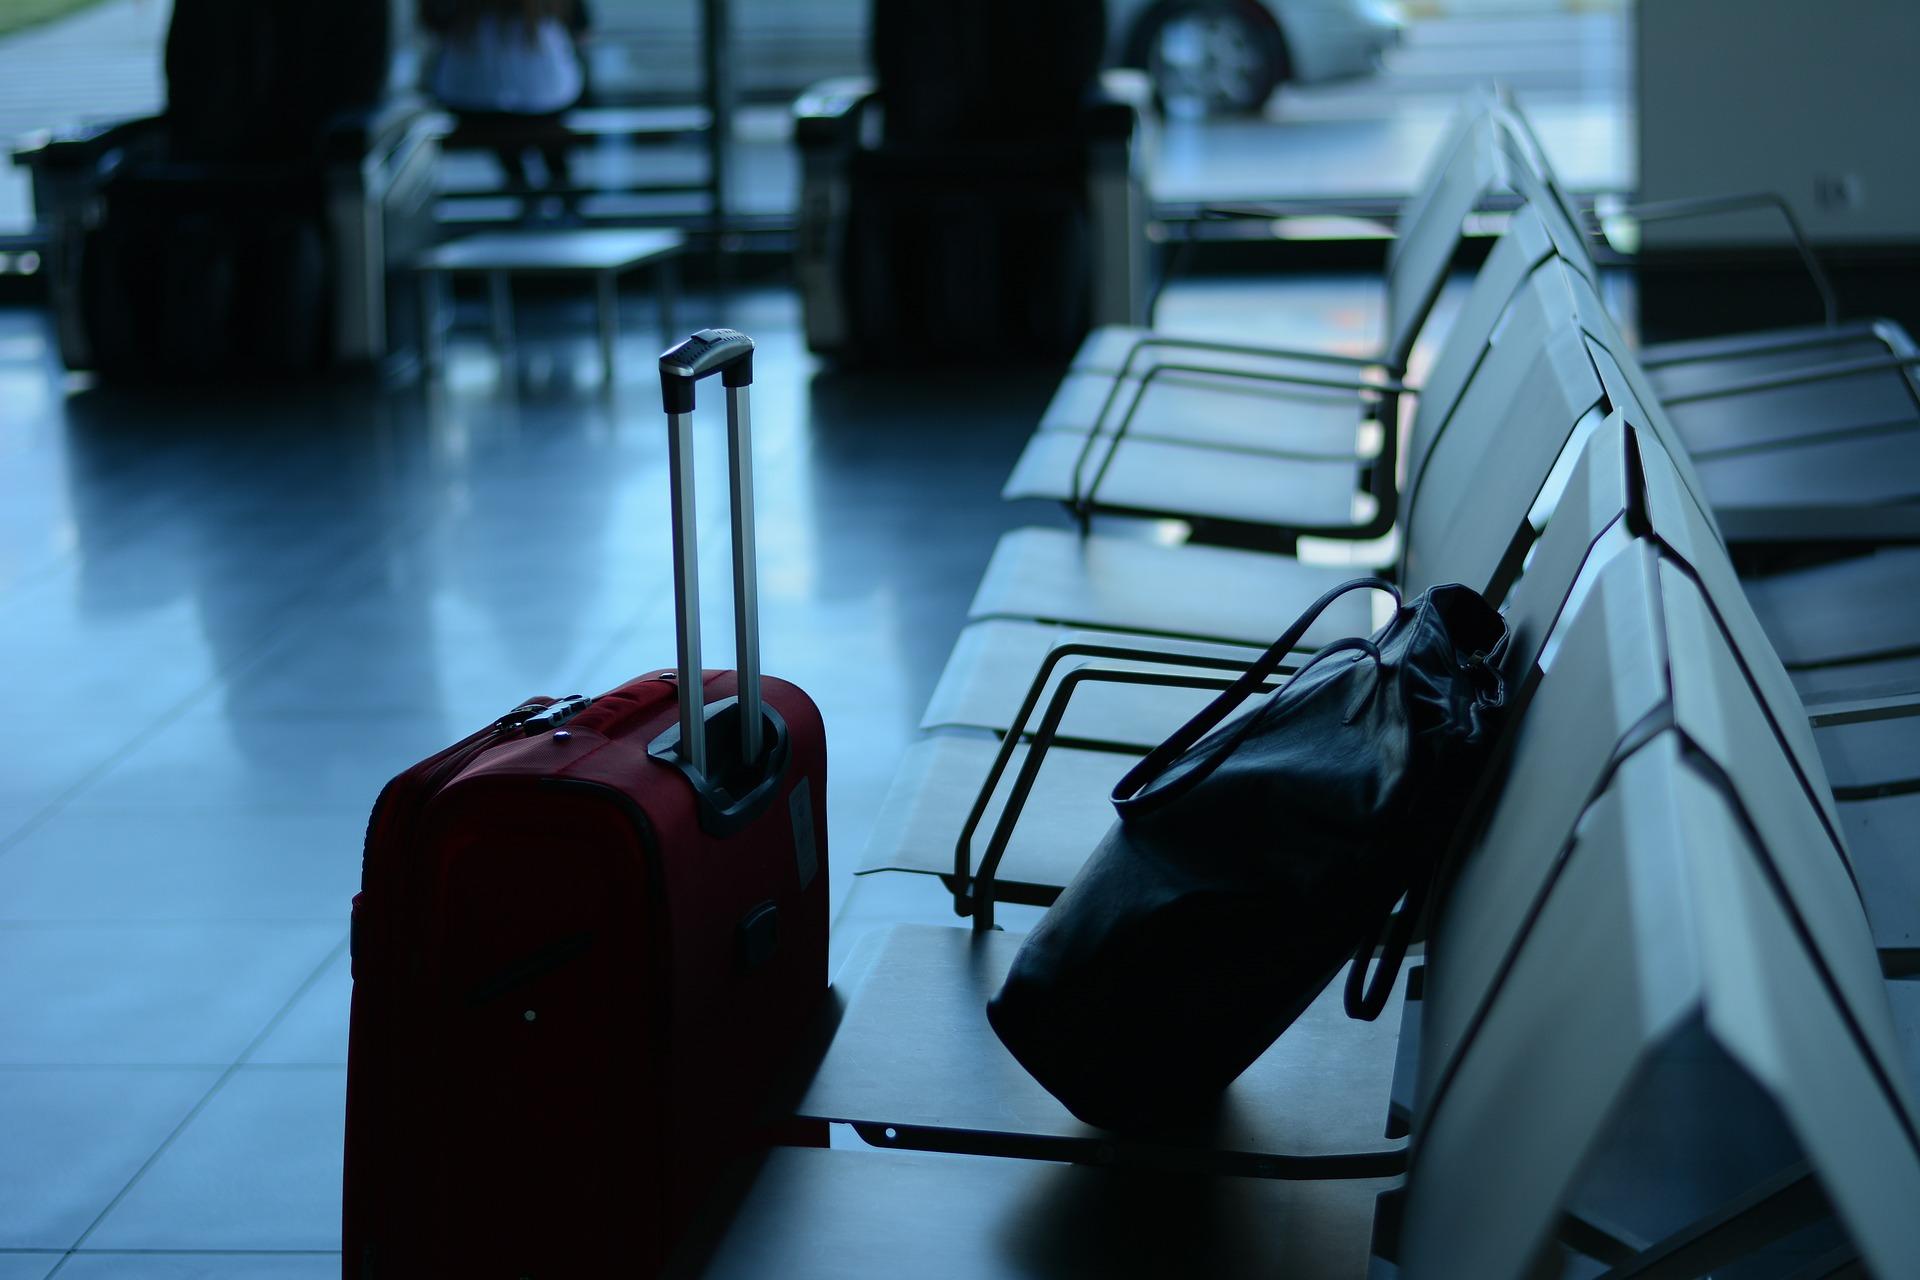 Rekompensata za opóźniony lot? Poznaj sposoby linii lotniczych na wymiganie się od opłat!